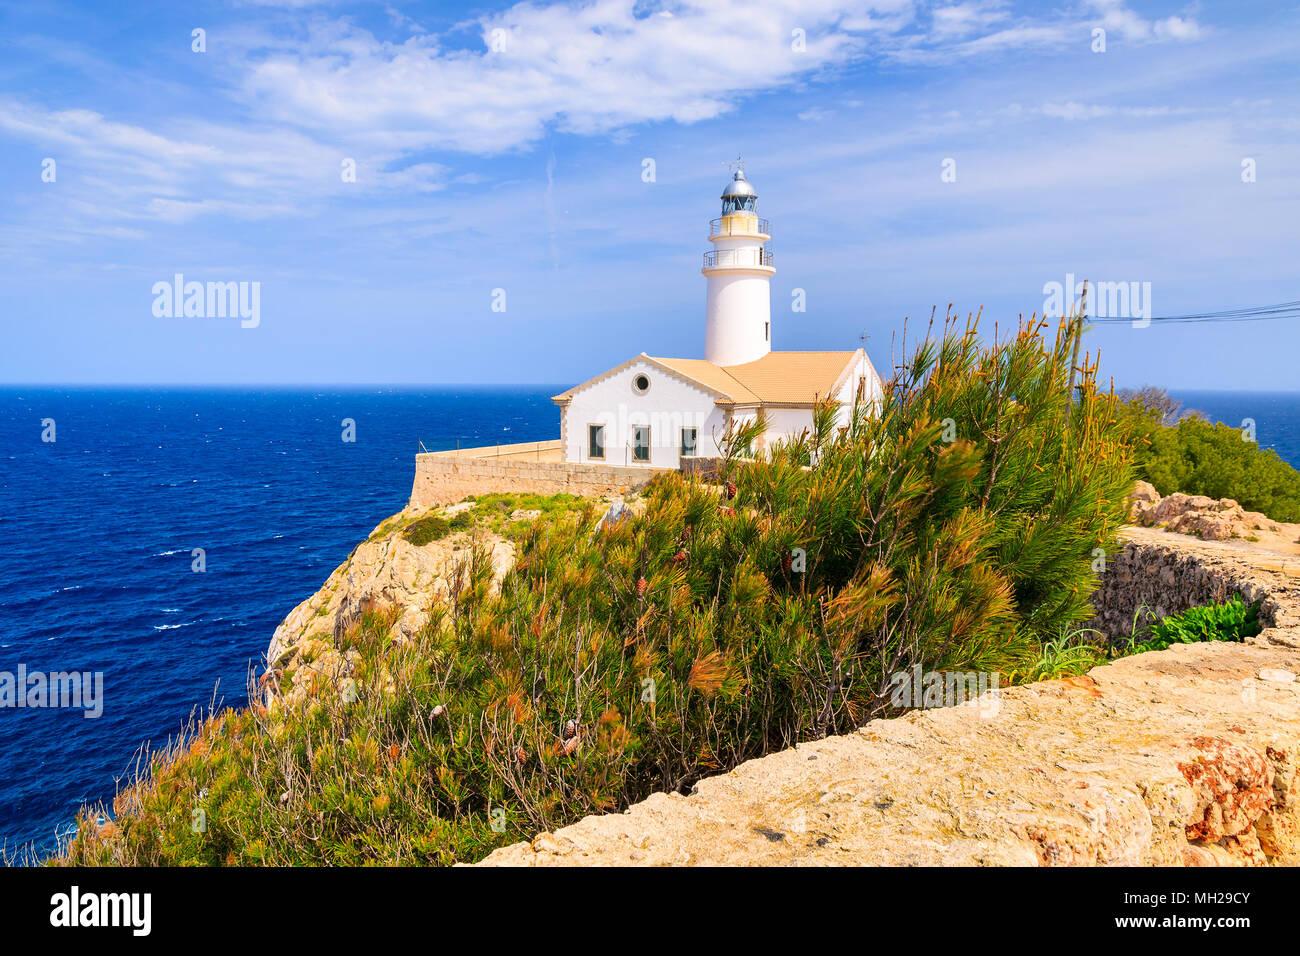 Leuchtturm auf hohen Felsen über dem Meer in der Nähe von Cala Ratjada, Mallorca, Spanien Stockbild